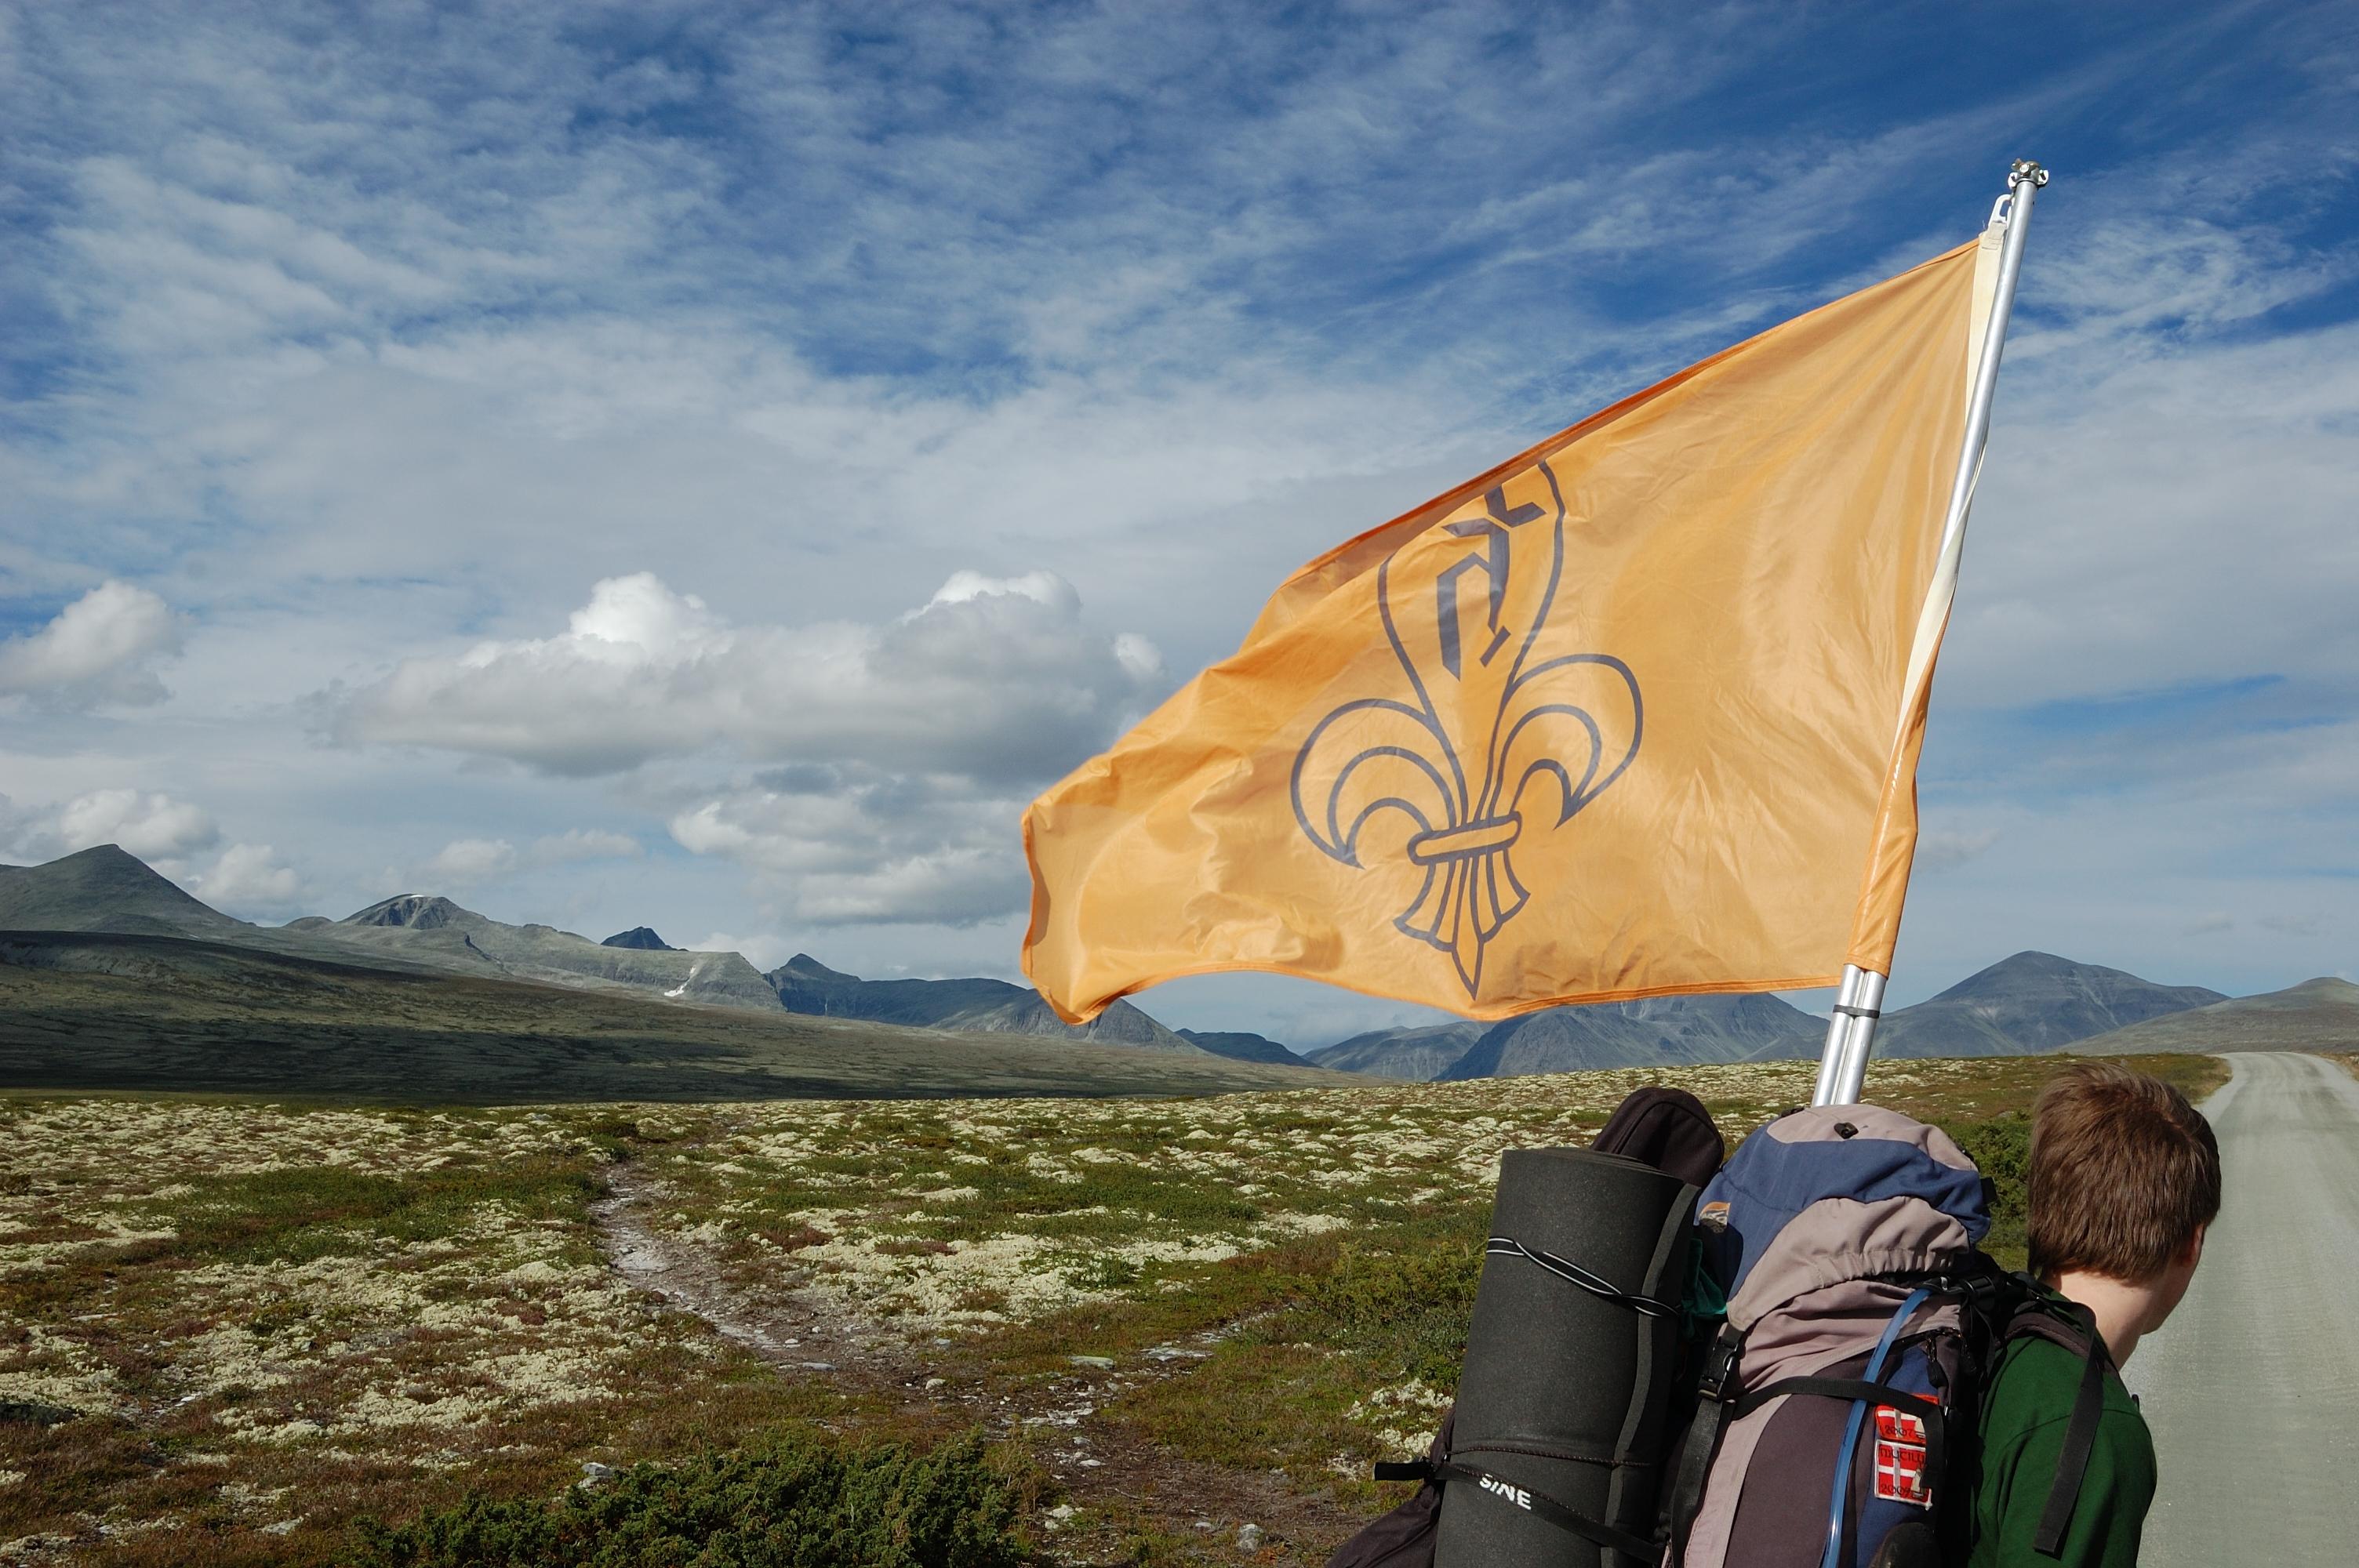 Matze Fahne